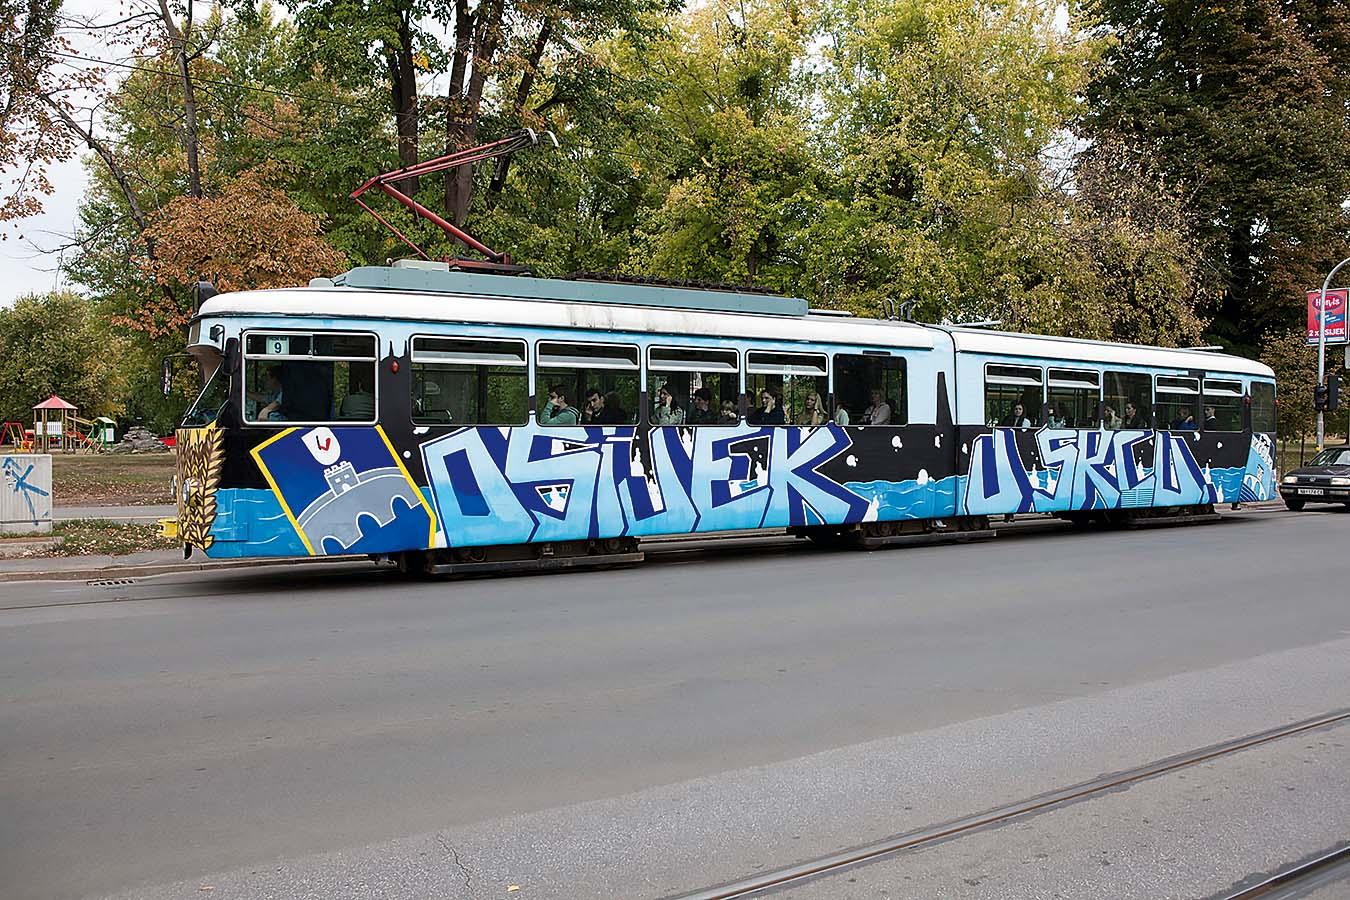 Osijek, 141011. Reportaza o gradu Osijeku. Na fotografiji:Tramvaj u ulici Europske avenije. Foto: Vlado Kos / Cropix